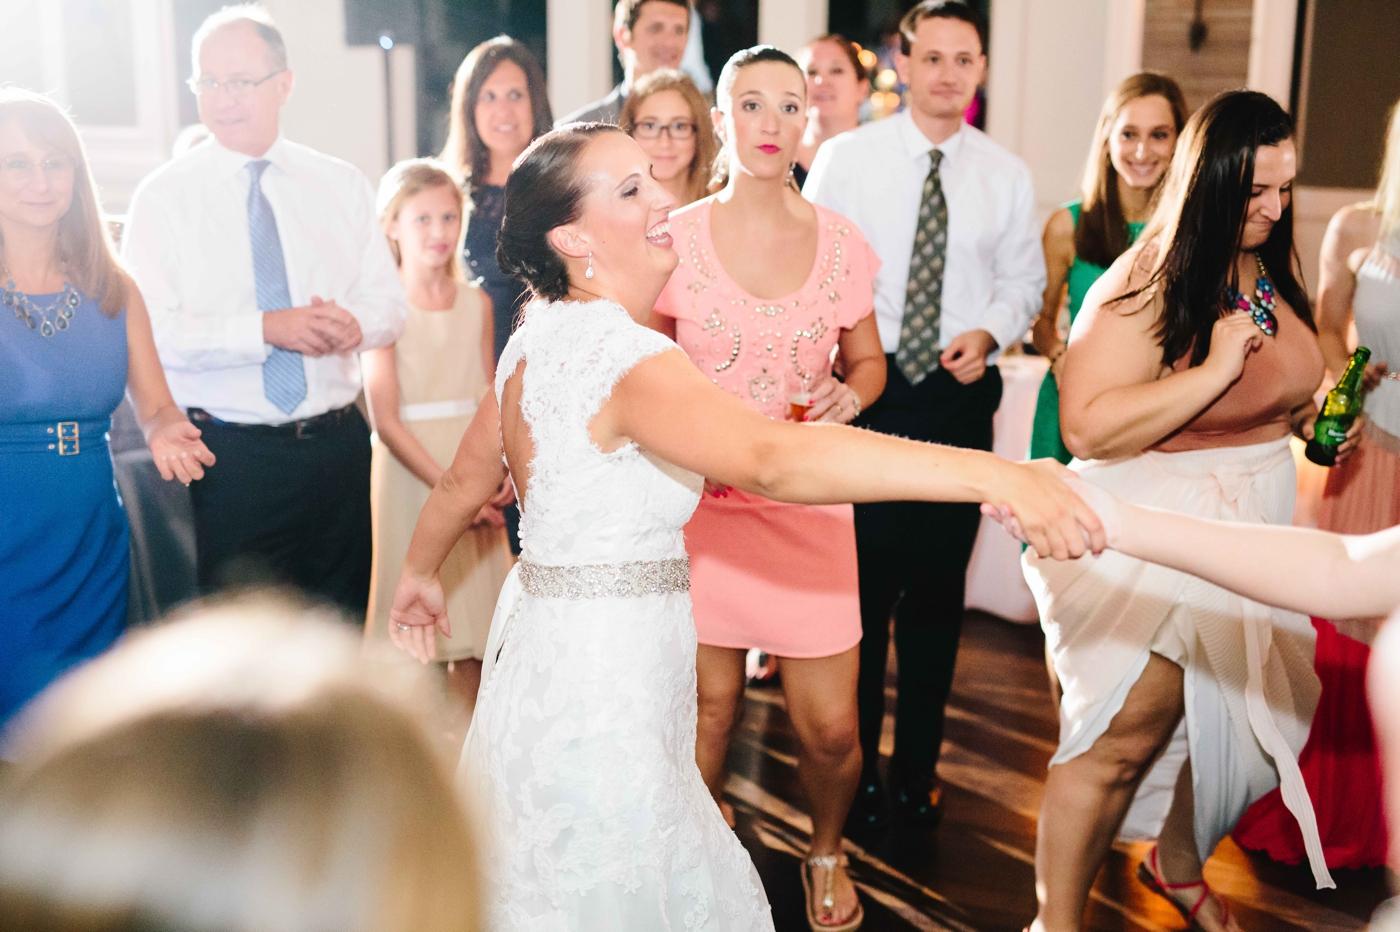 chicago-fine-art-wedding-photography-neuendank44